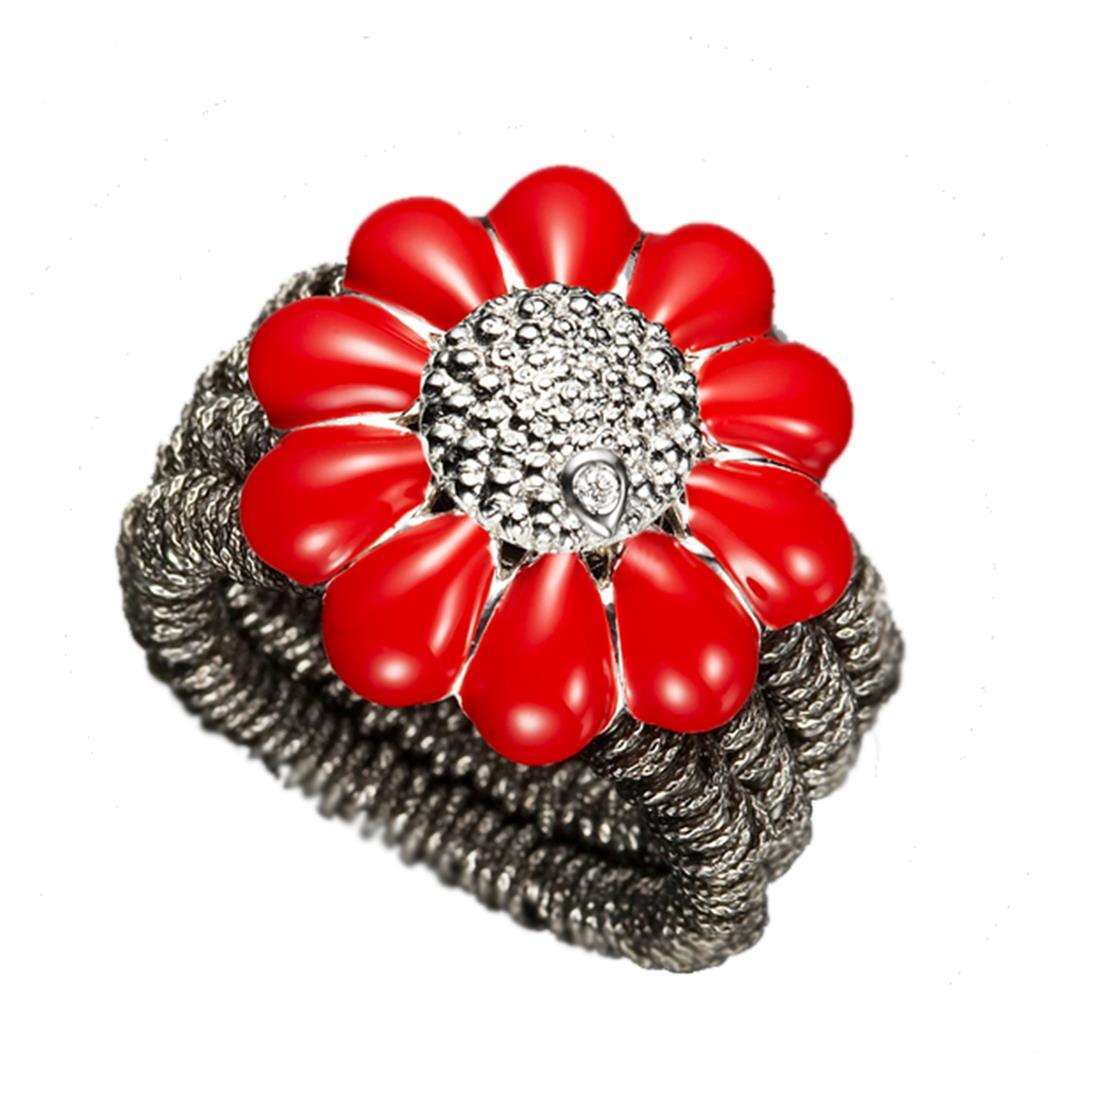 Anello design in argento brunito con margherita rossa - ROBERTO DEMEGLIO